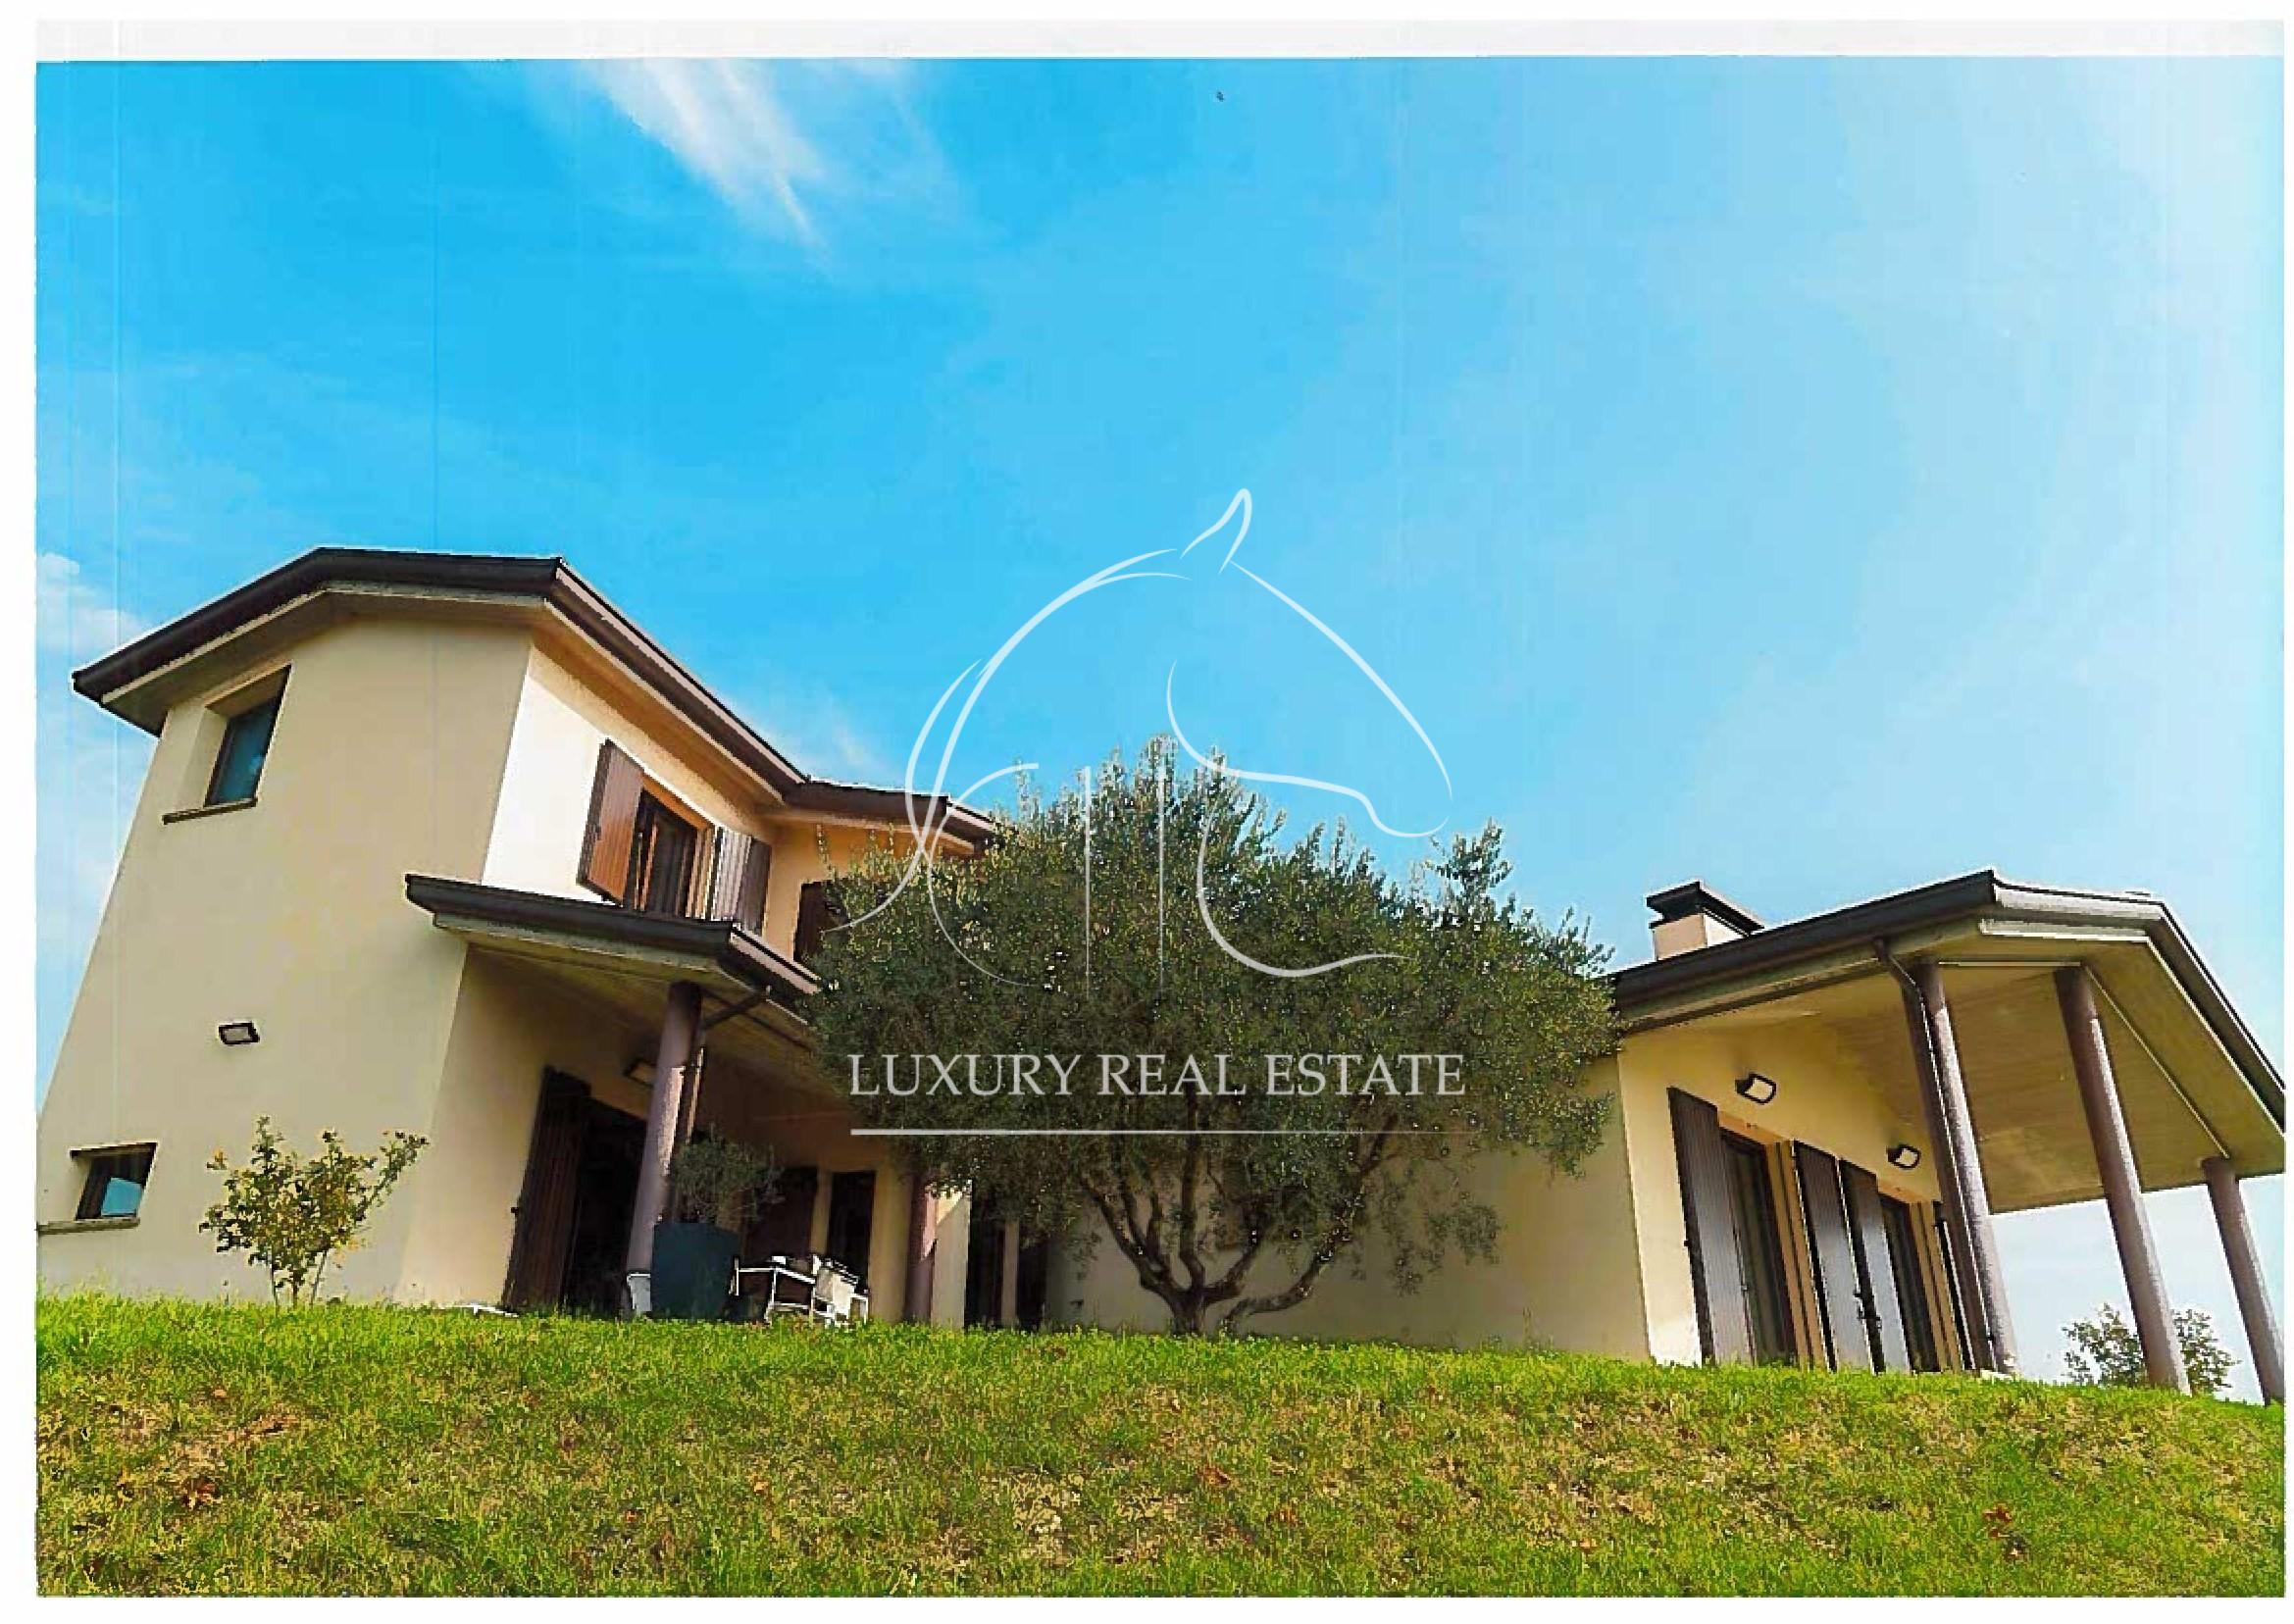 K.-Nr. 342 Villa in der Gegend von Montecieco (RN)